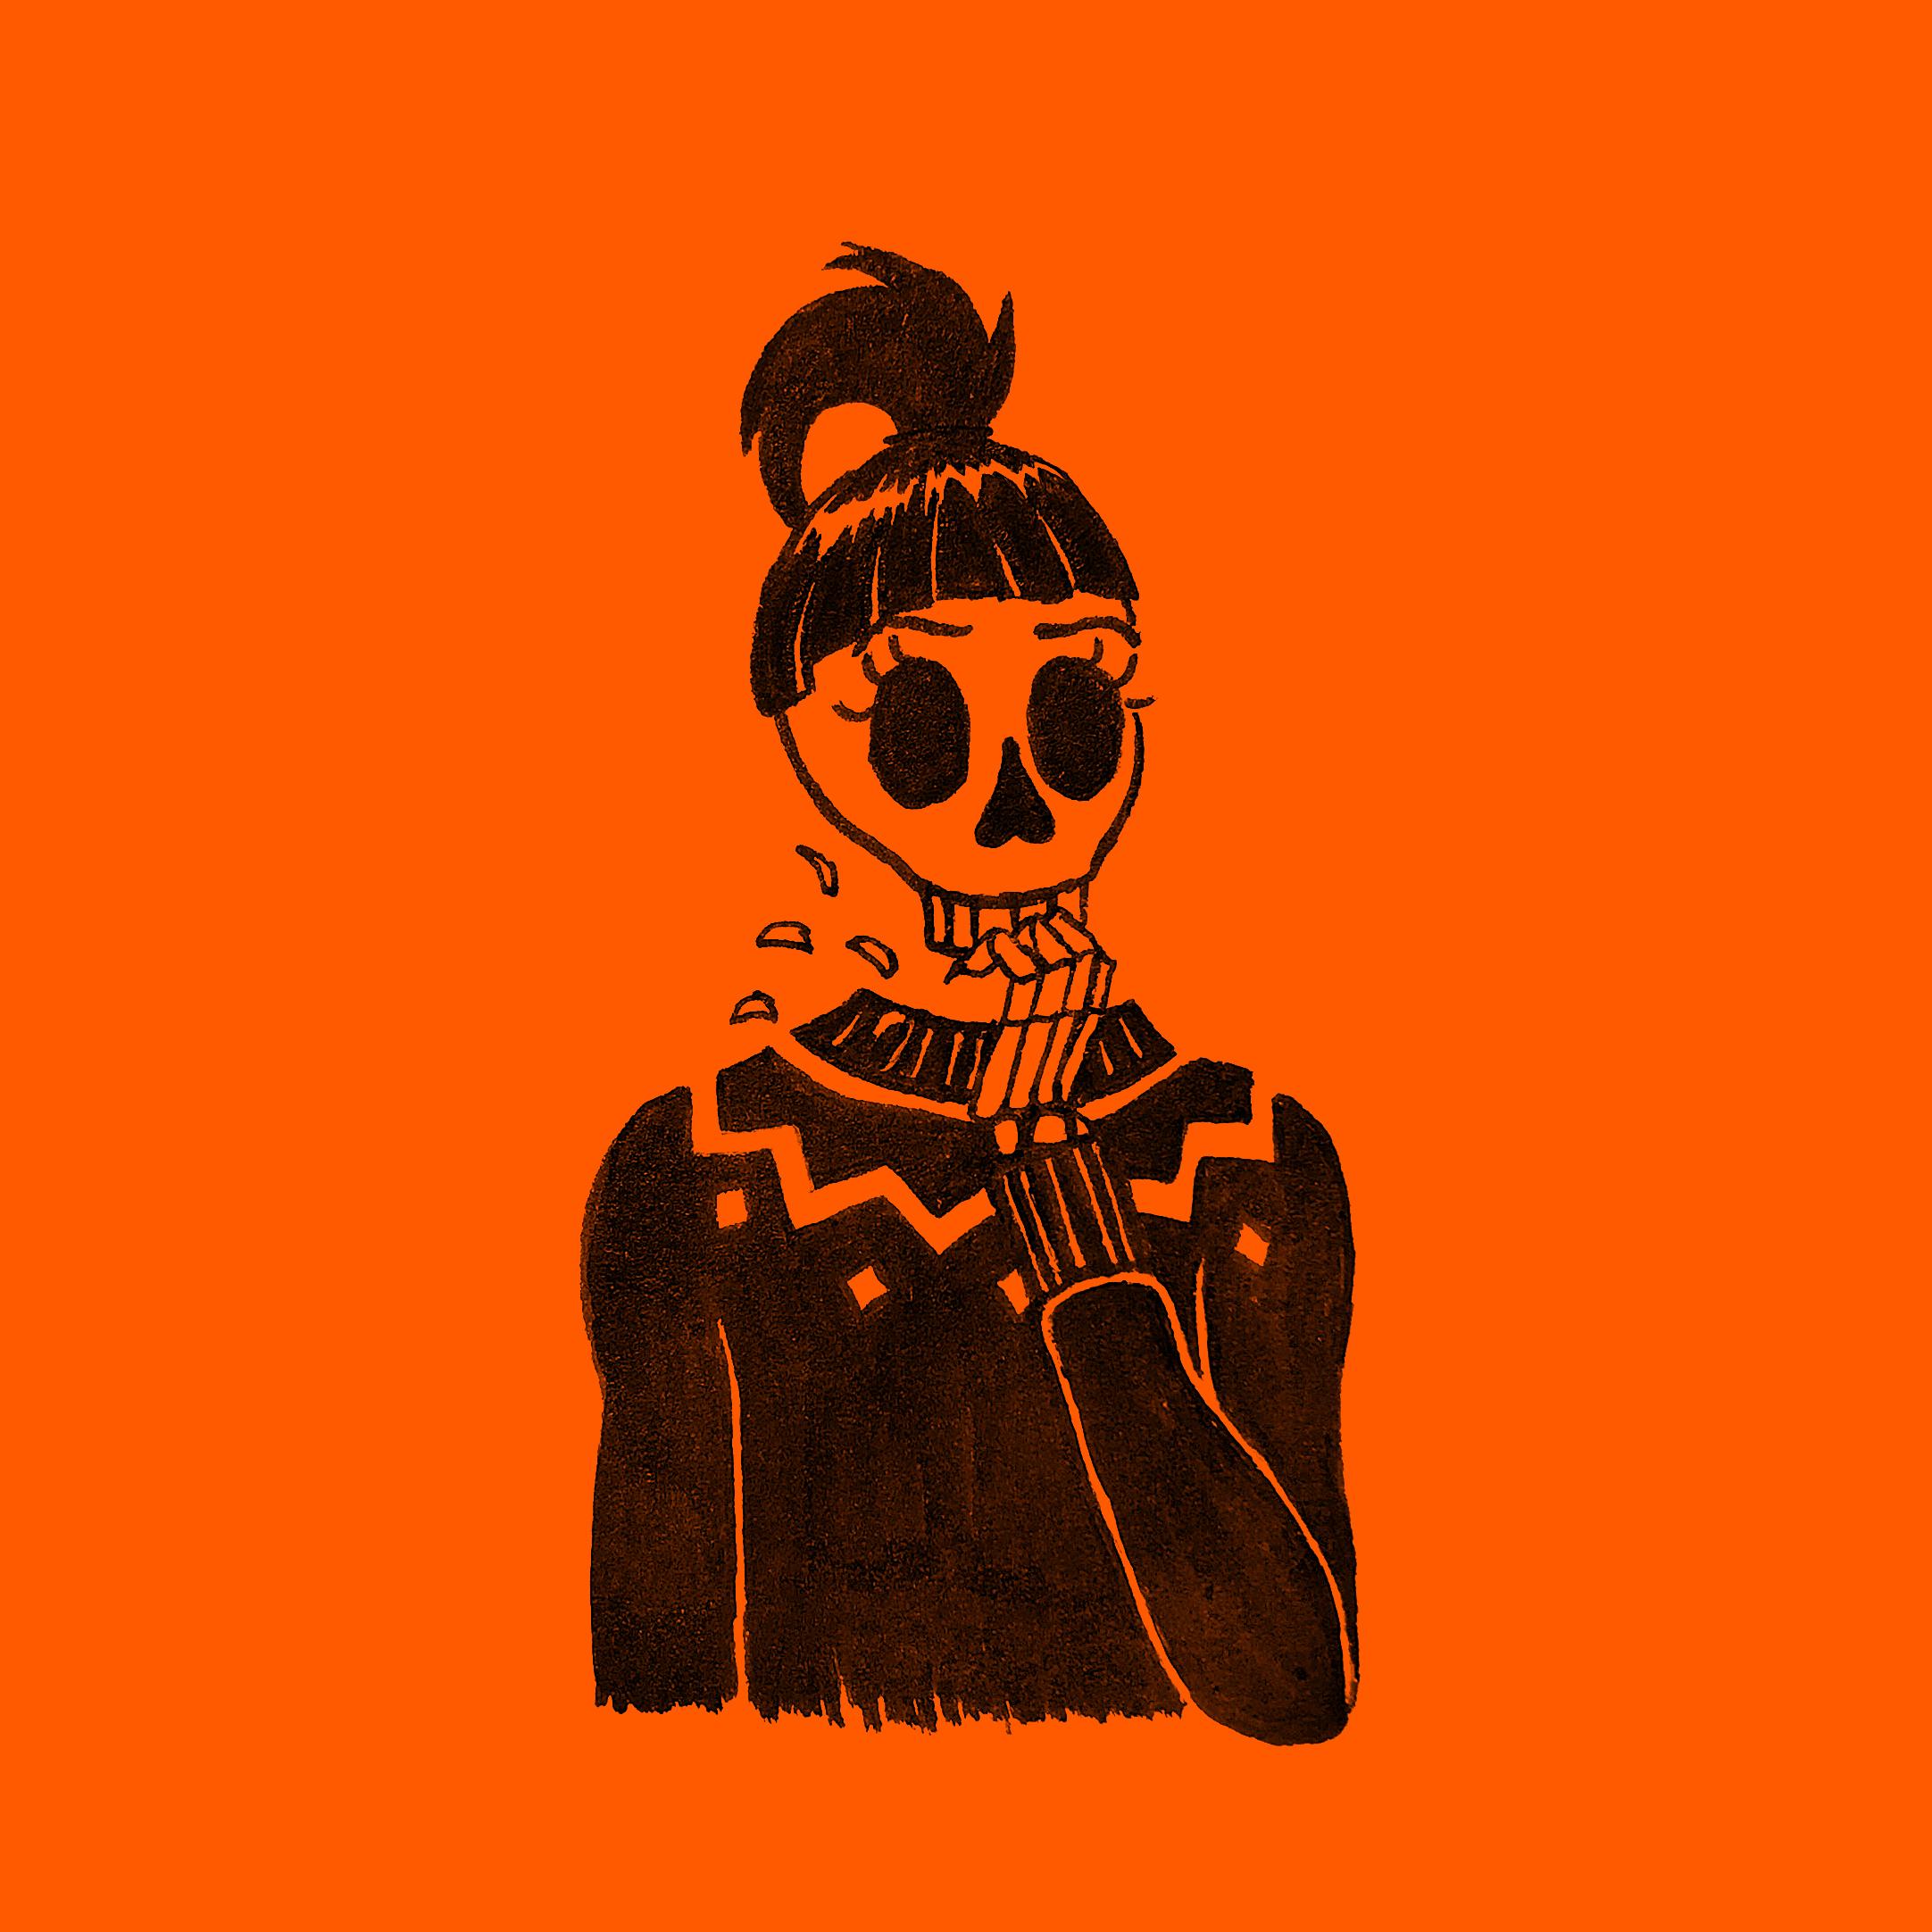 L'Halloween selon Rinaldi